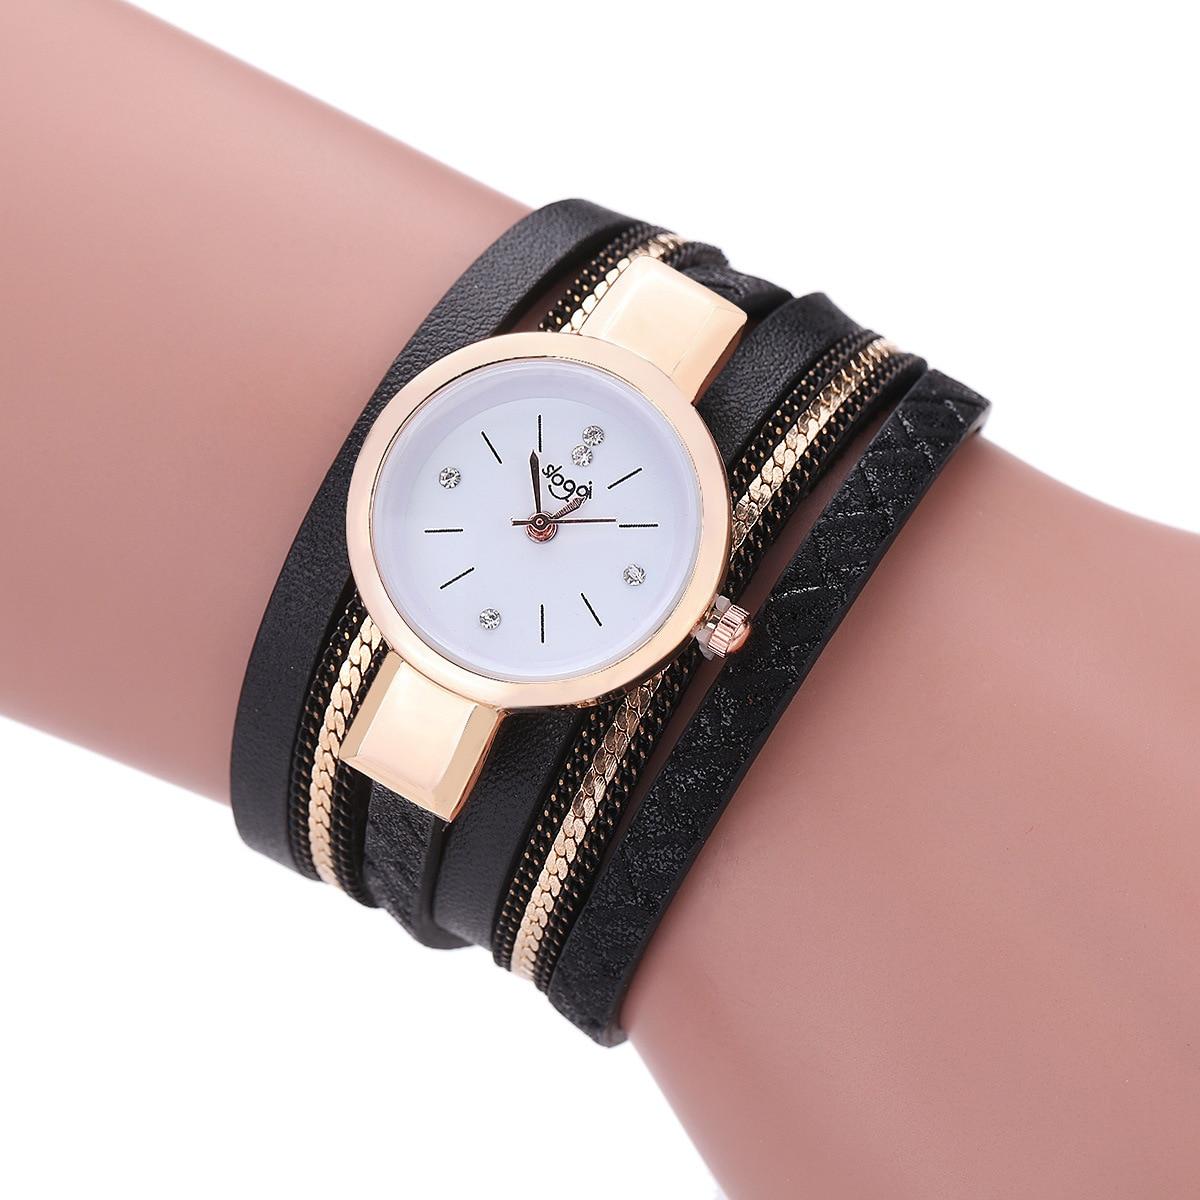 SLOGGI Brand Luxury Watches Women Fashion Gold Bracelet Watch Ladies Casual Leather Branded Quartz Wristwatches montre femme платья sloggi платье sloggi swim midnight flower dress